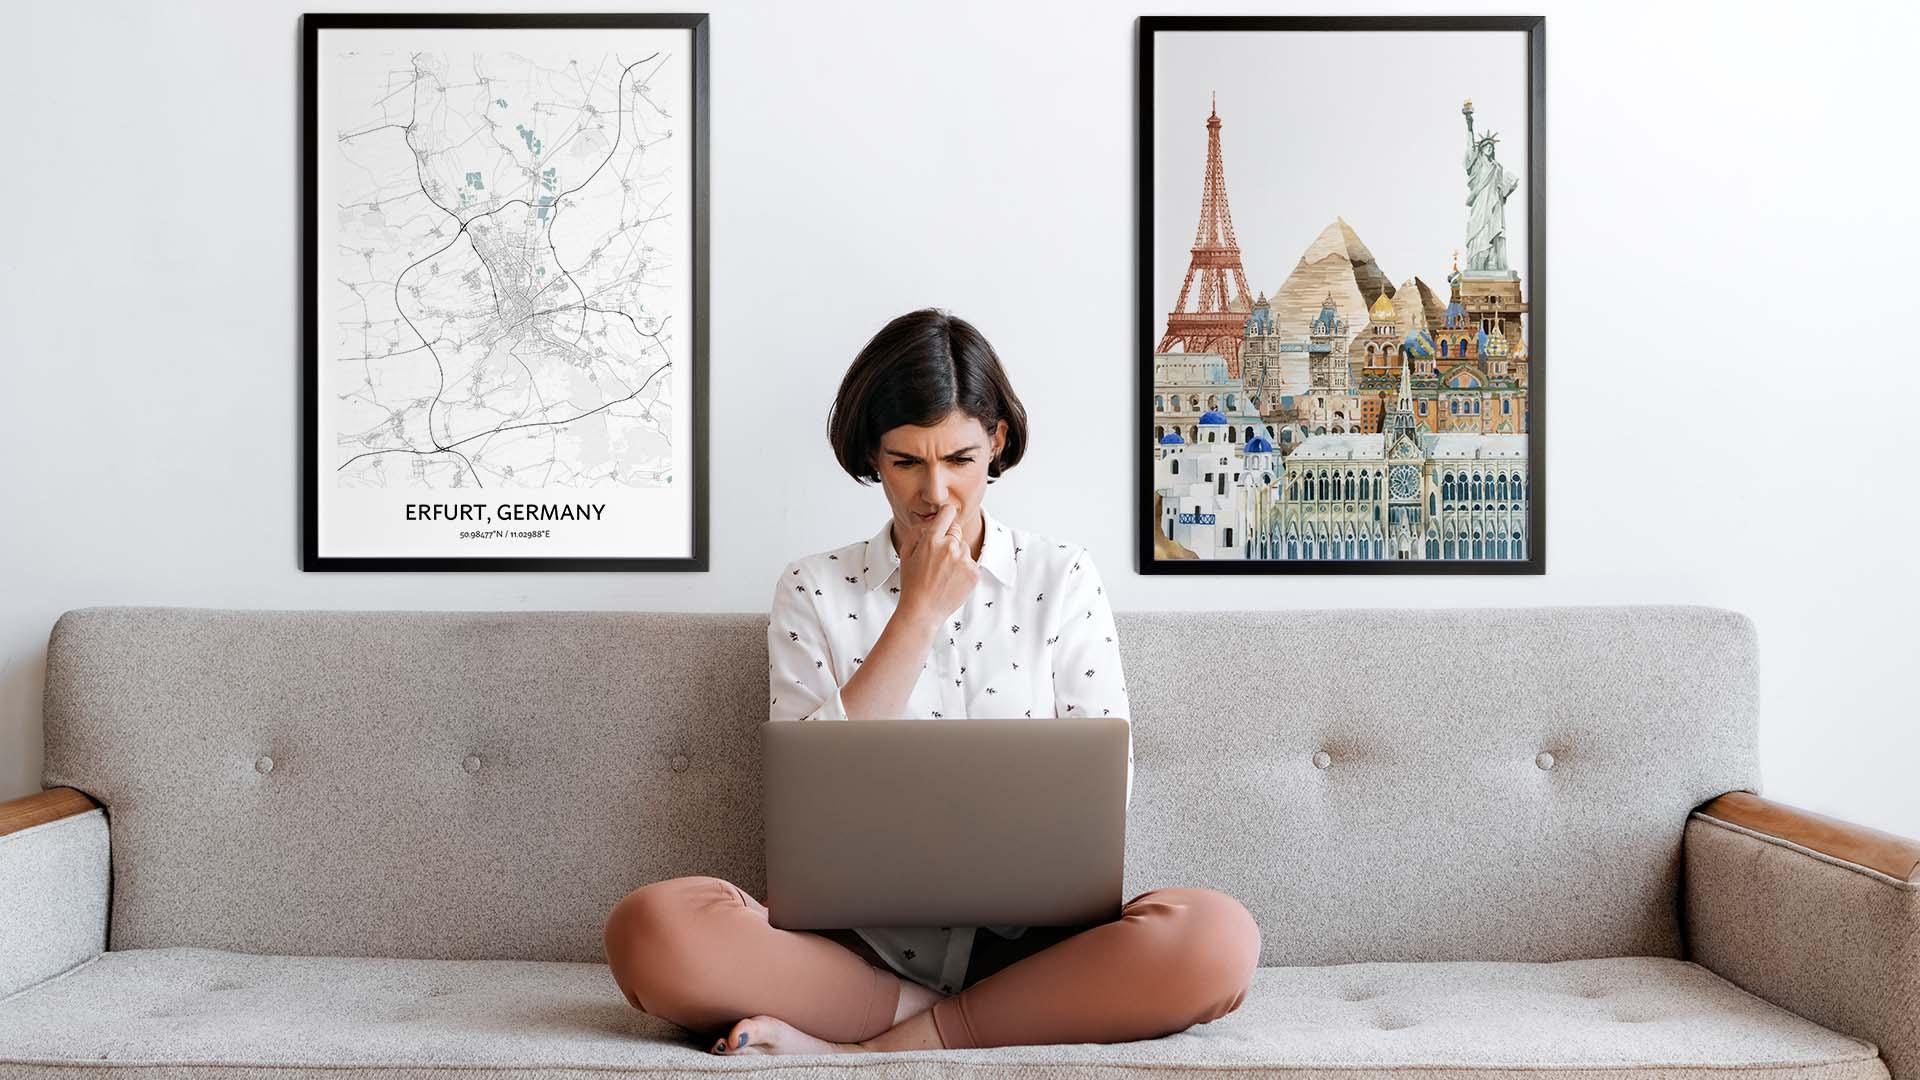 Erfurt city map art